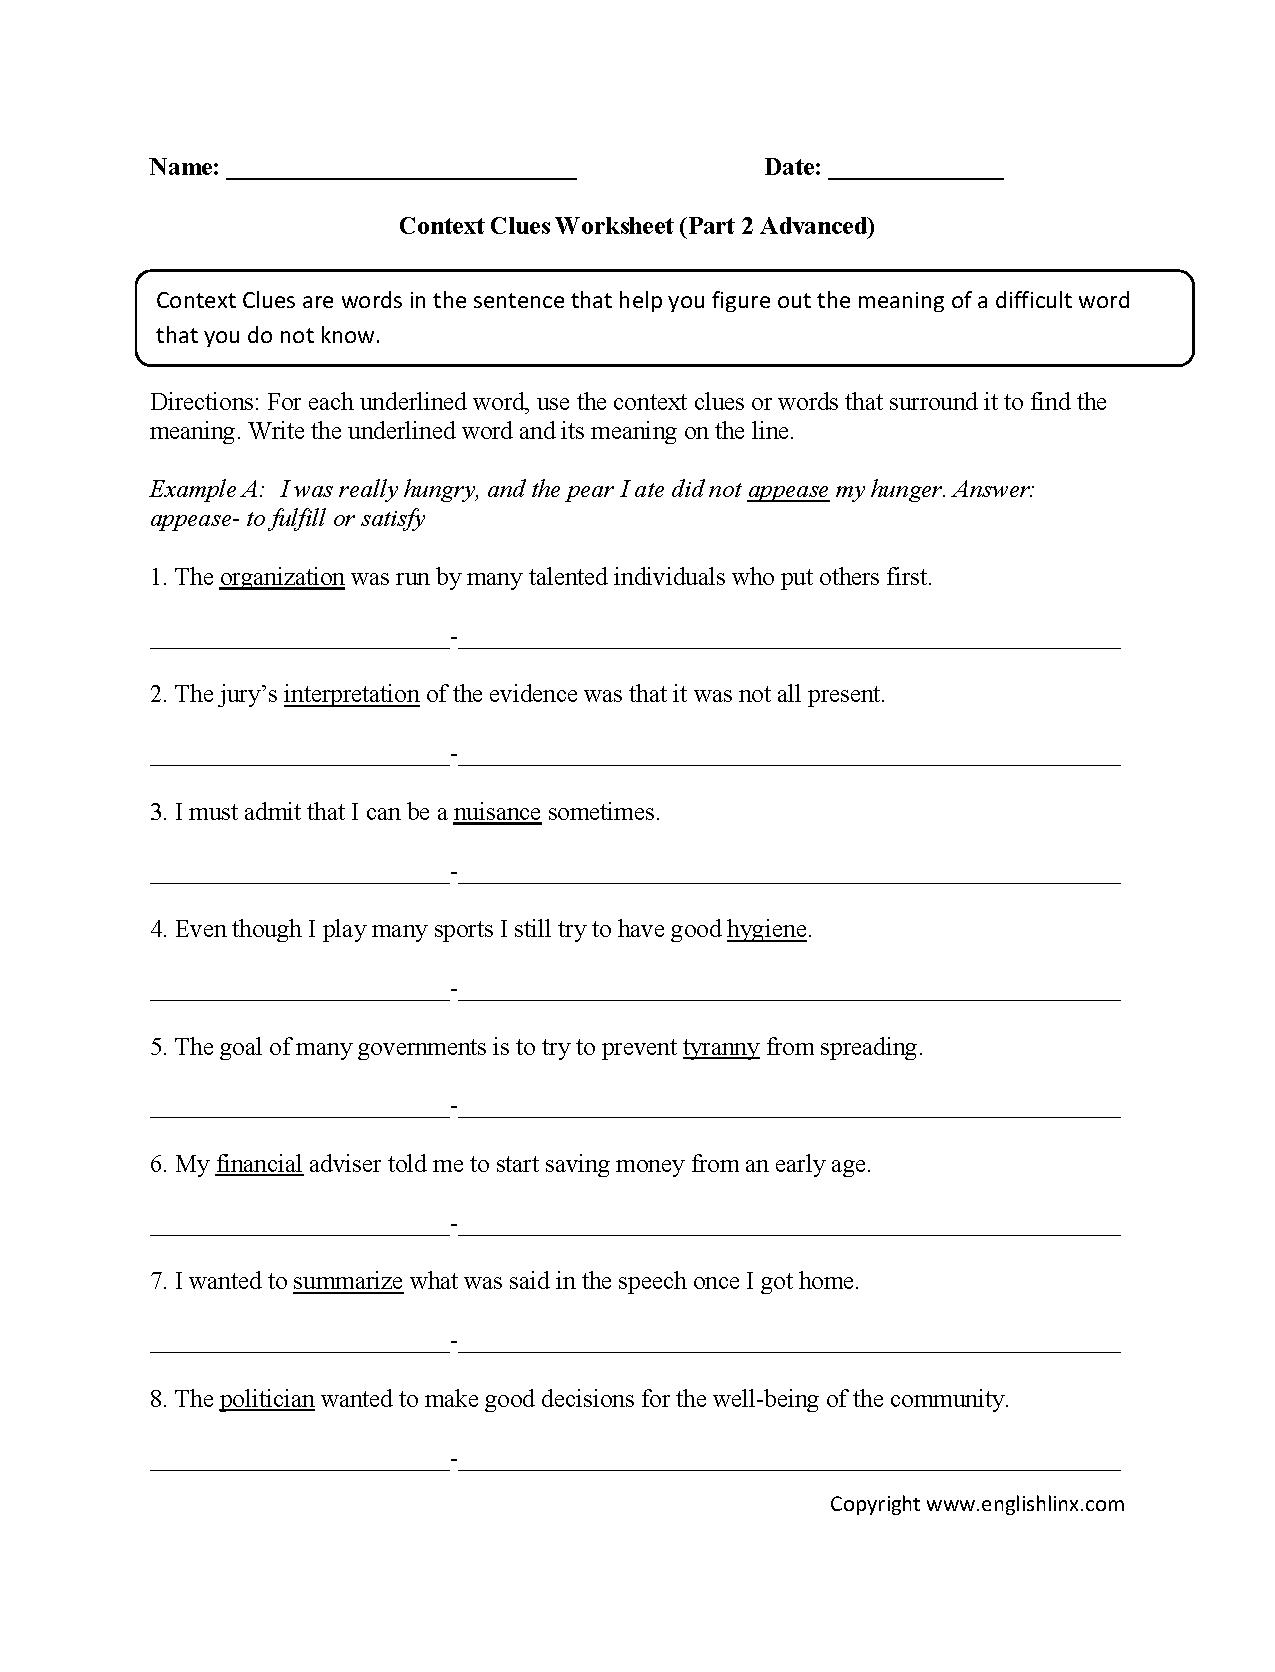 Worksheet Community Worksheets Grass Fedjp Worksheet